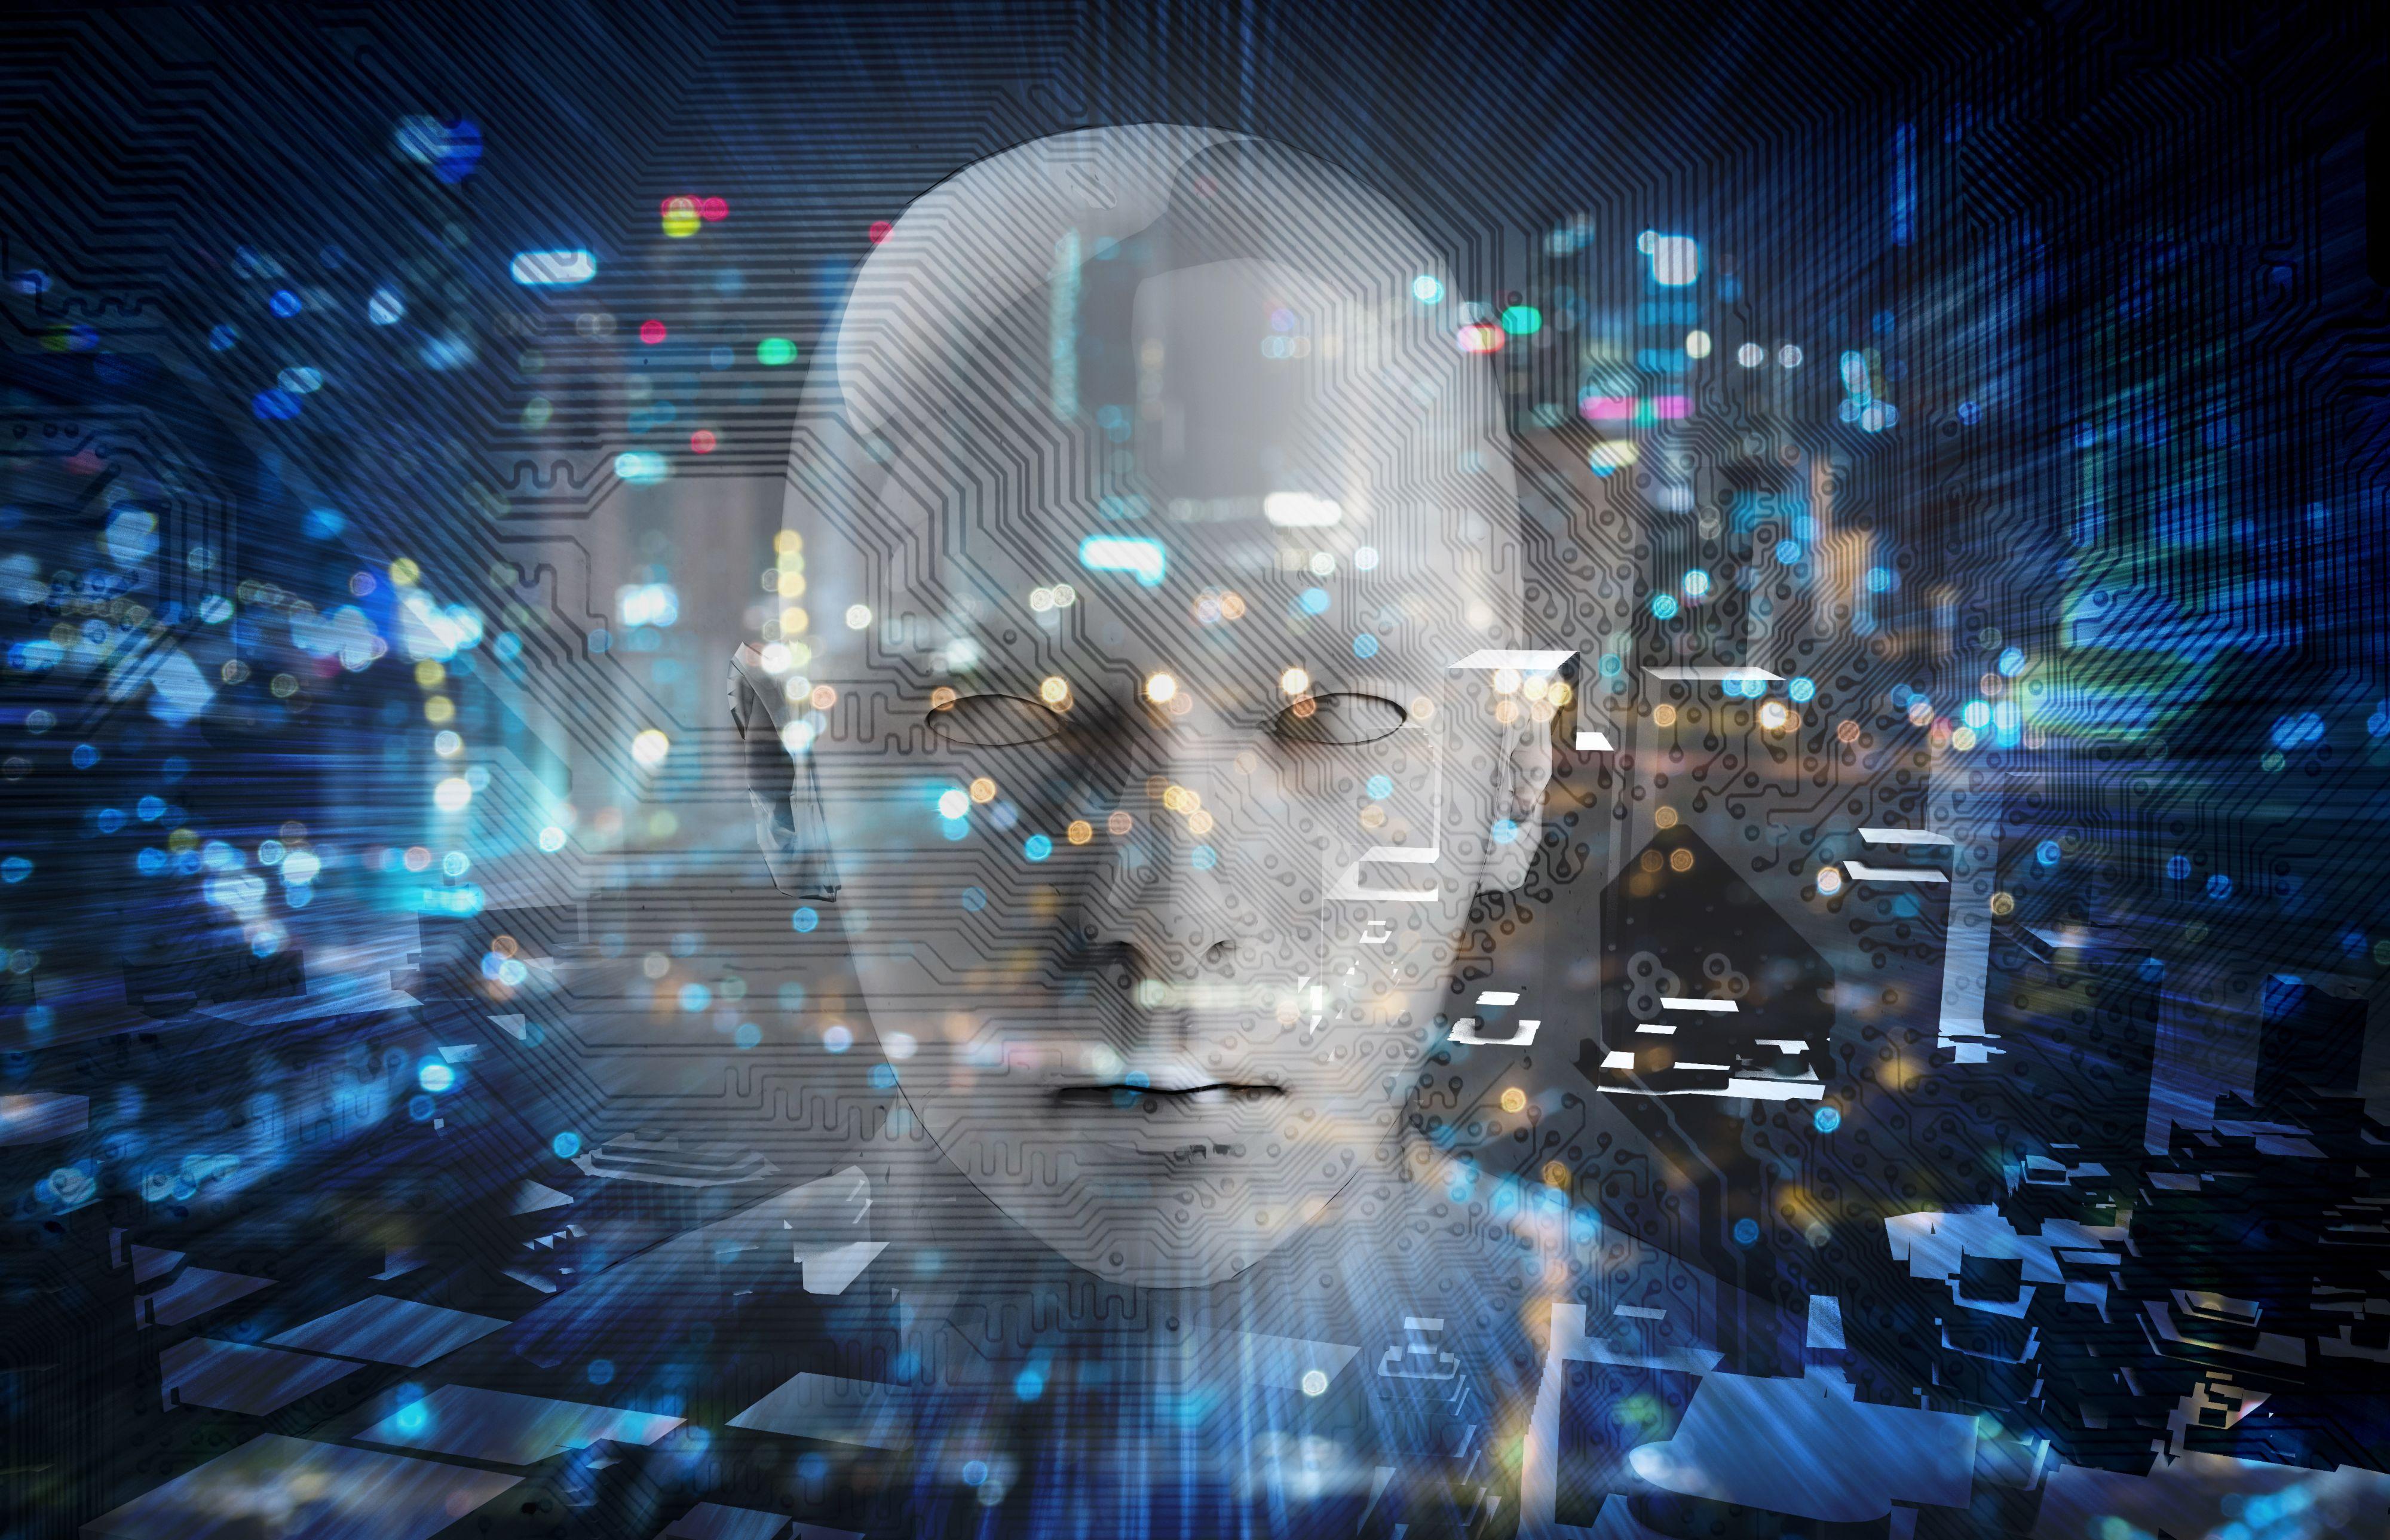 Mimo że coraz więcej firm rozumie, jakie znaczenie dla ich przyszłości ma transformacja cyfrowa, nadal istnieje szereg barier związanych z wdrożeniem procesów digitalizacji biznesu. (Fot. Shutterstock)